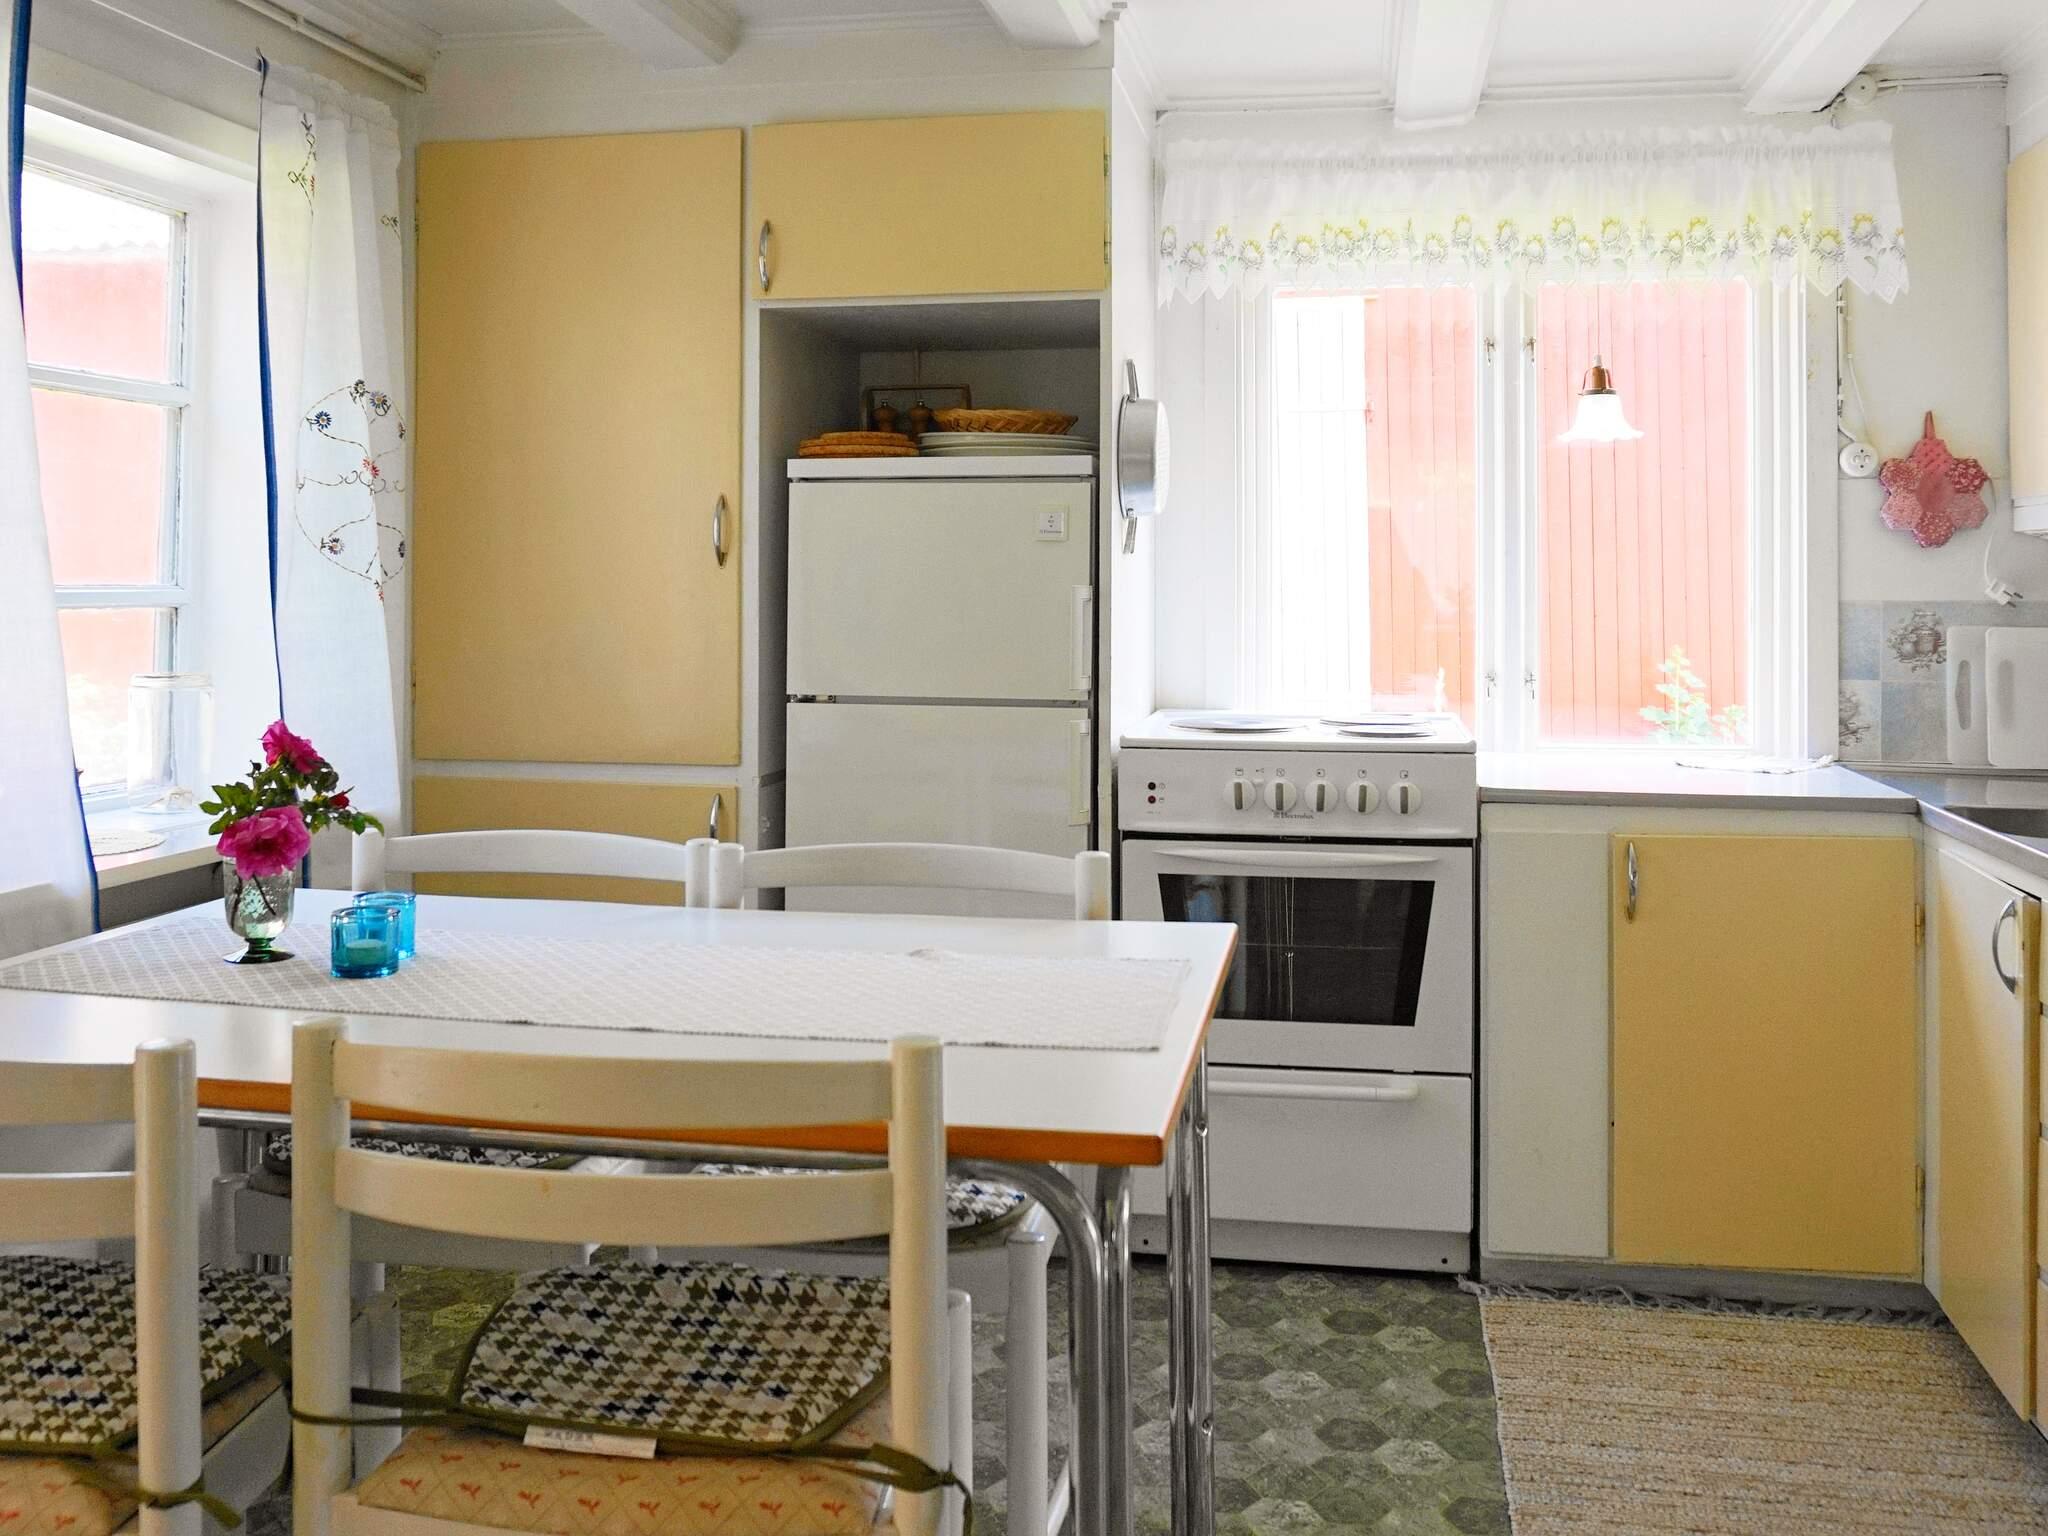 Ferienhaus Orust/Tegneby (2636850), Tegneby, Västra Götaland län, Westschweden, Schweden, Bild 7